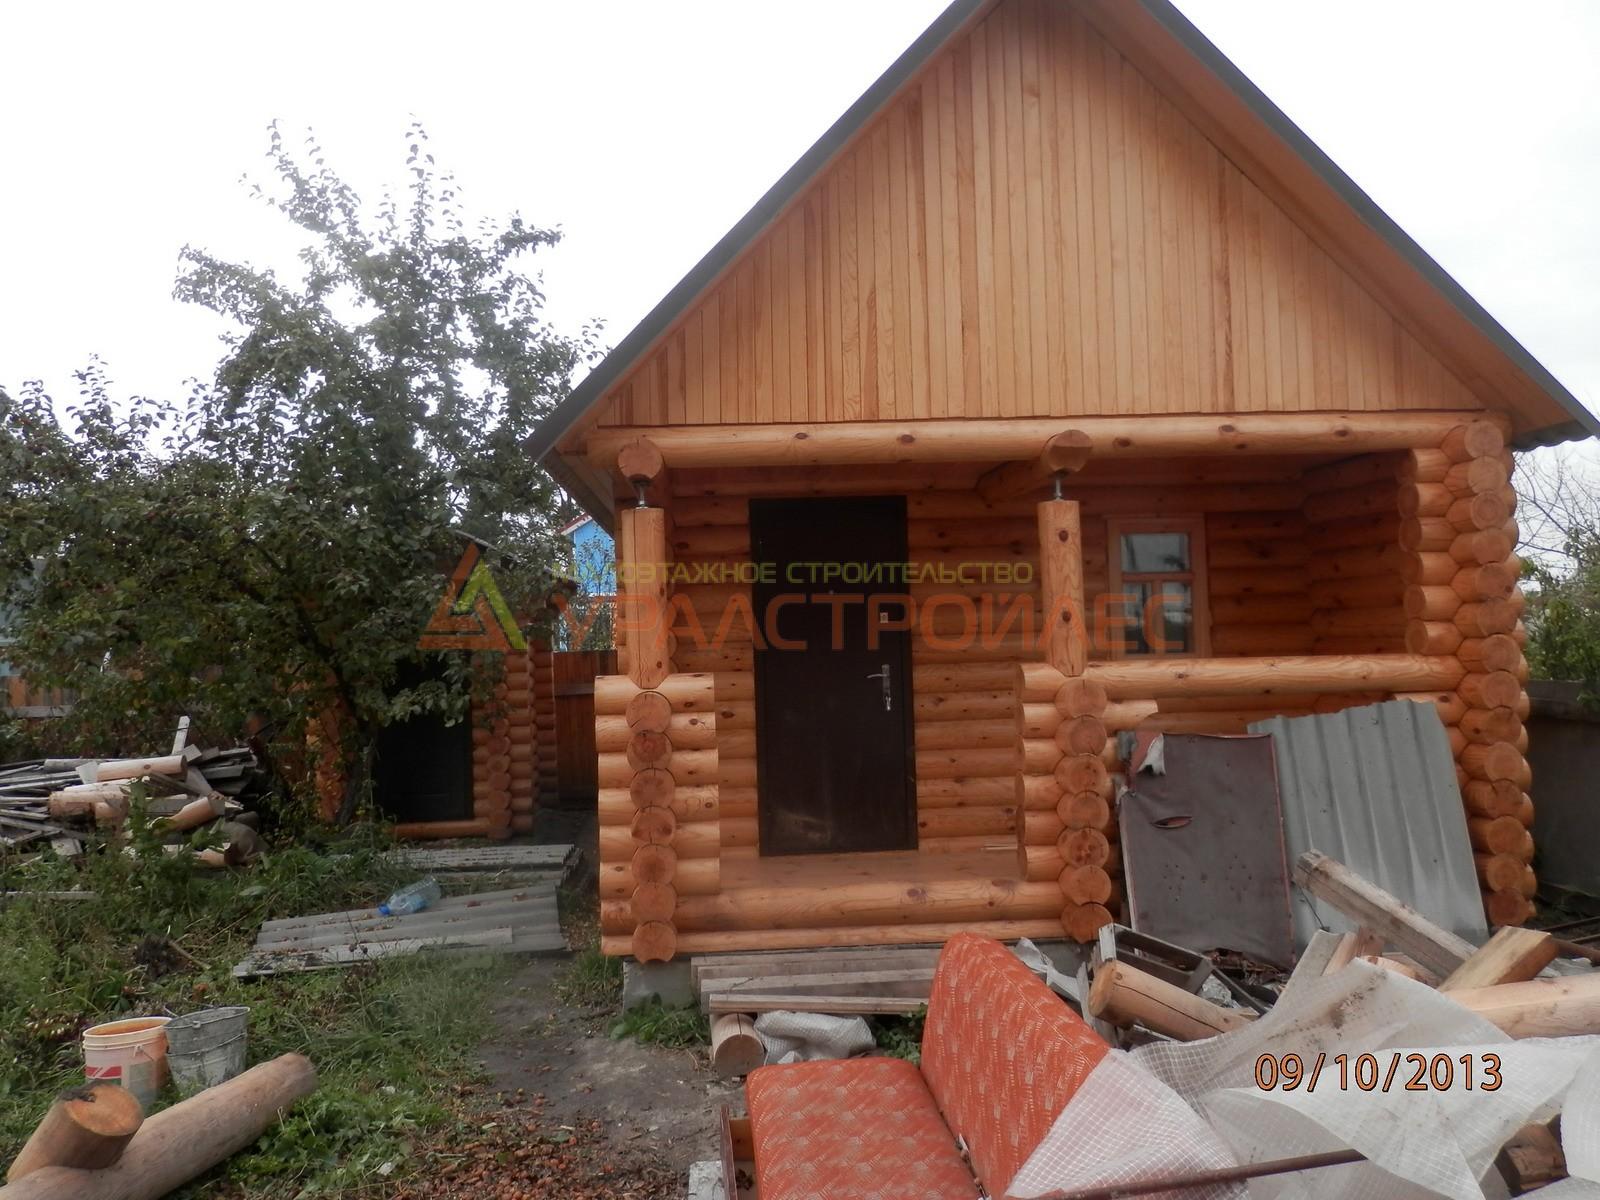 Проект №205, баня 5.8х4, общая площадь 20 мк.в. (диаметр бревна 200)